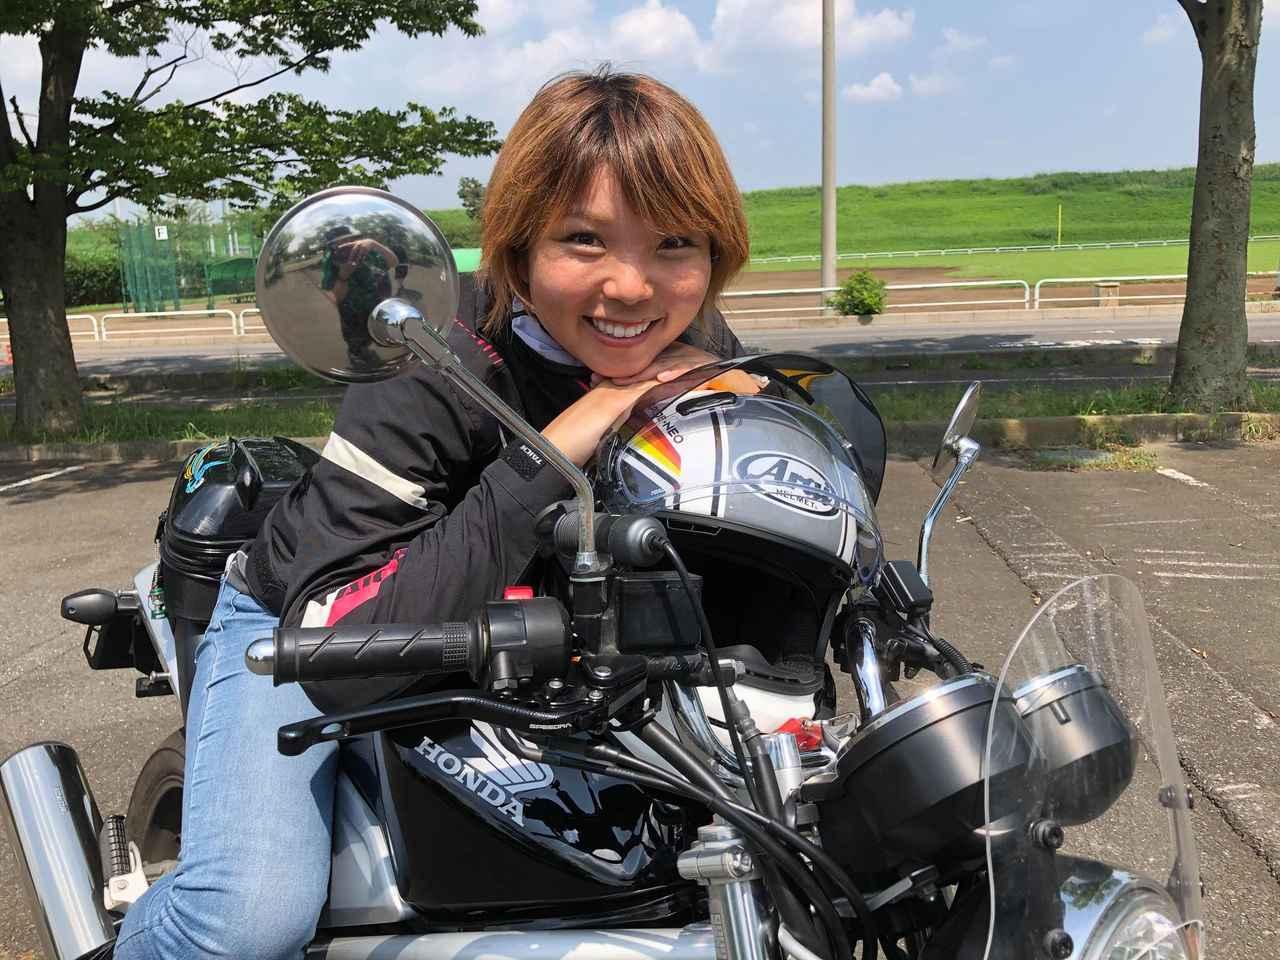 画像: 岸田 彩美(きしだ あやみ) バイクタレント、司会、ライター。『週刊バイクTV』にアシスタントとして約3年間出演。二輪車安全運転指導員資格を持ち、現在はスペイン・バレンシアに留学中。